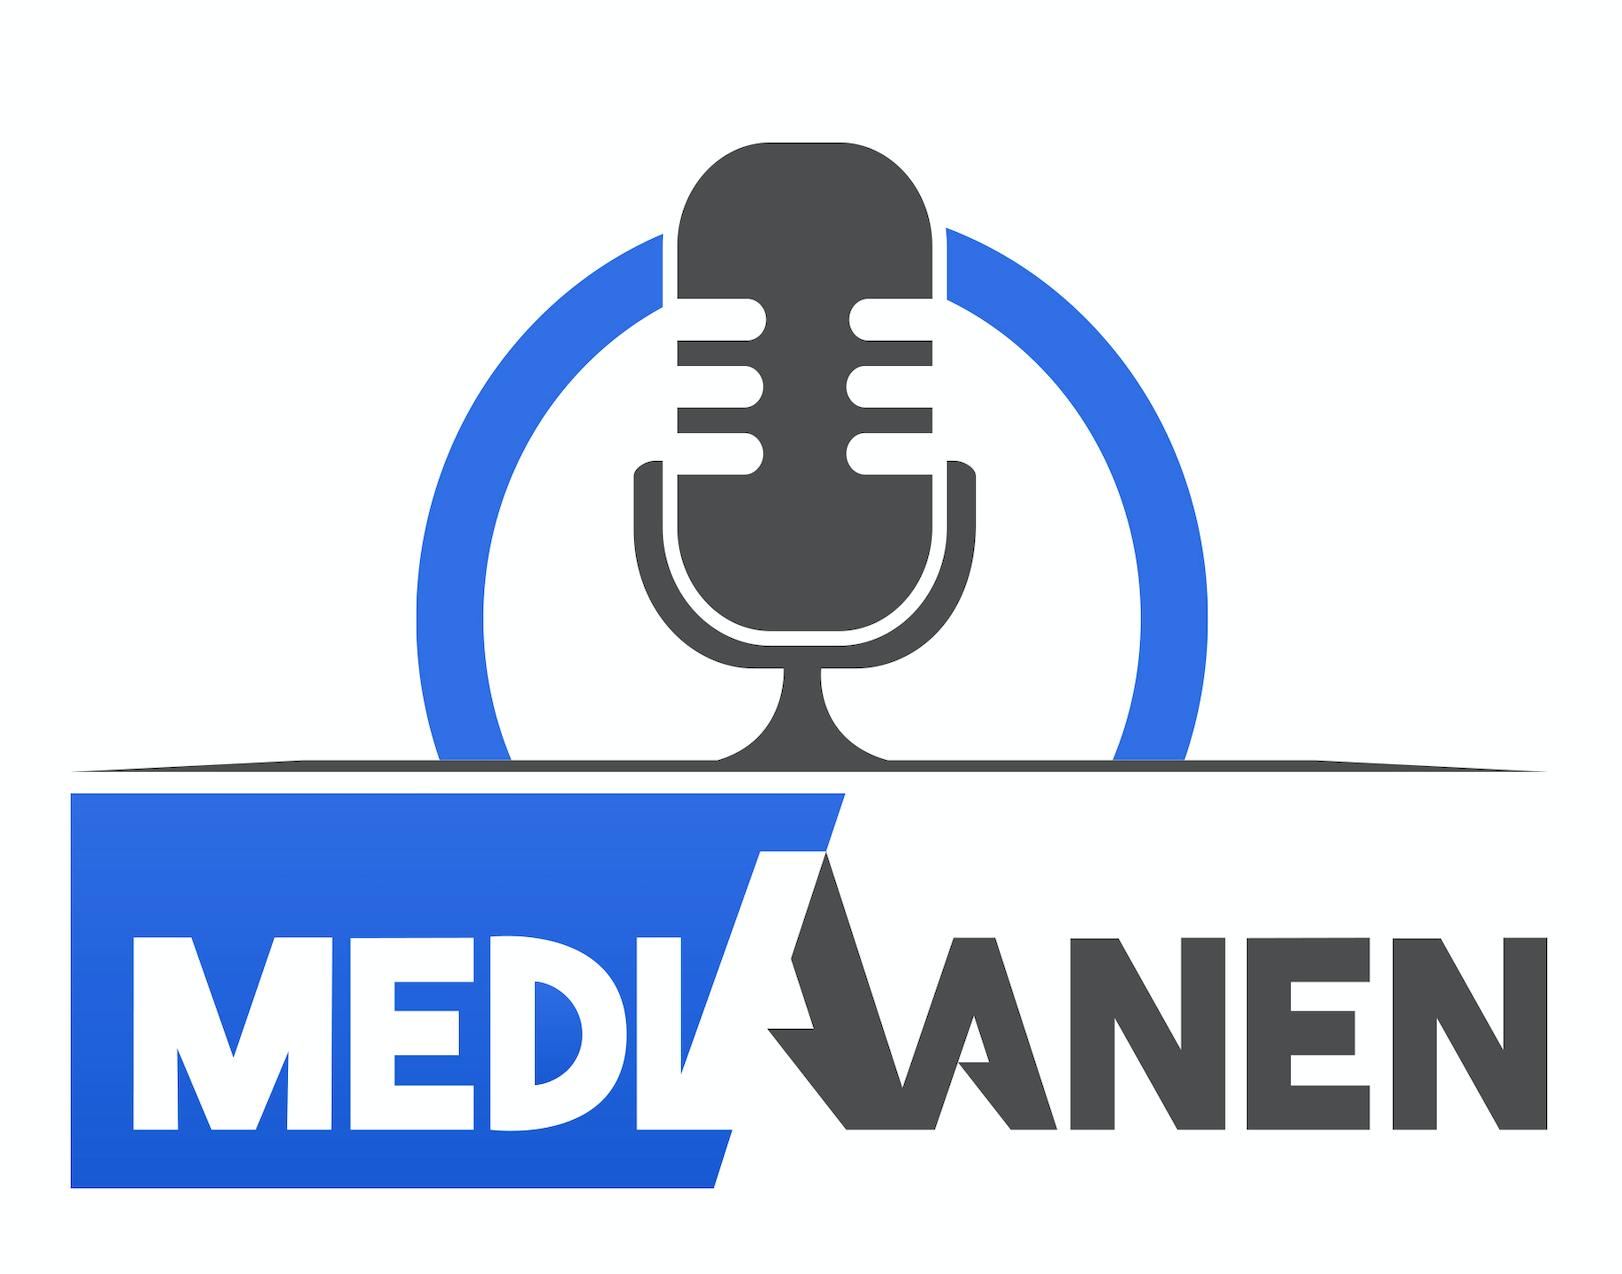 MediAanen